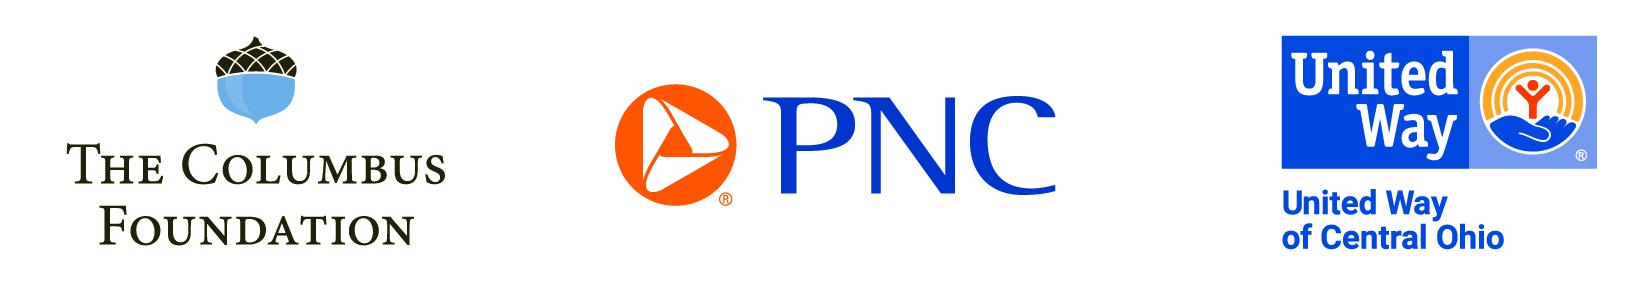 logos NPG sponsors - horiz-2019-logos only-01.jpg